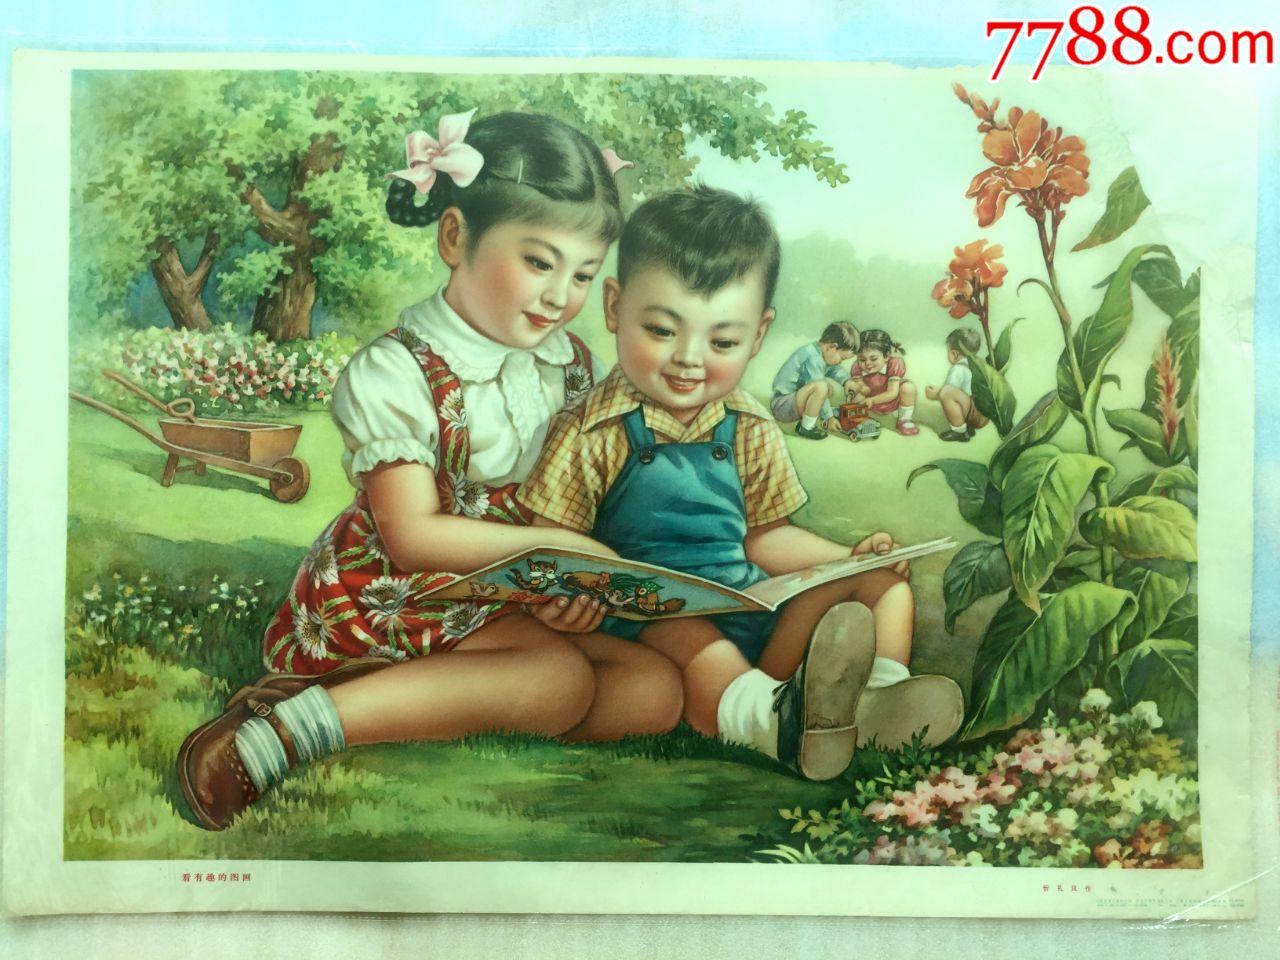 【名家/精品/量少】仅印10万/名家忻礼良代表作《看有趣的图画》童年怀旧经典(au20745659)_